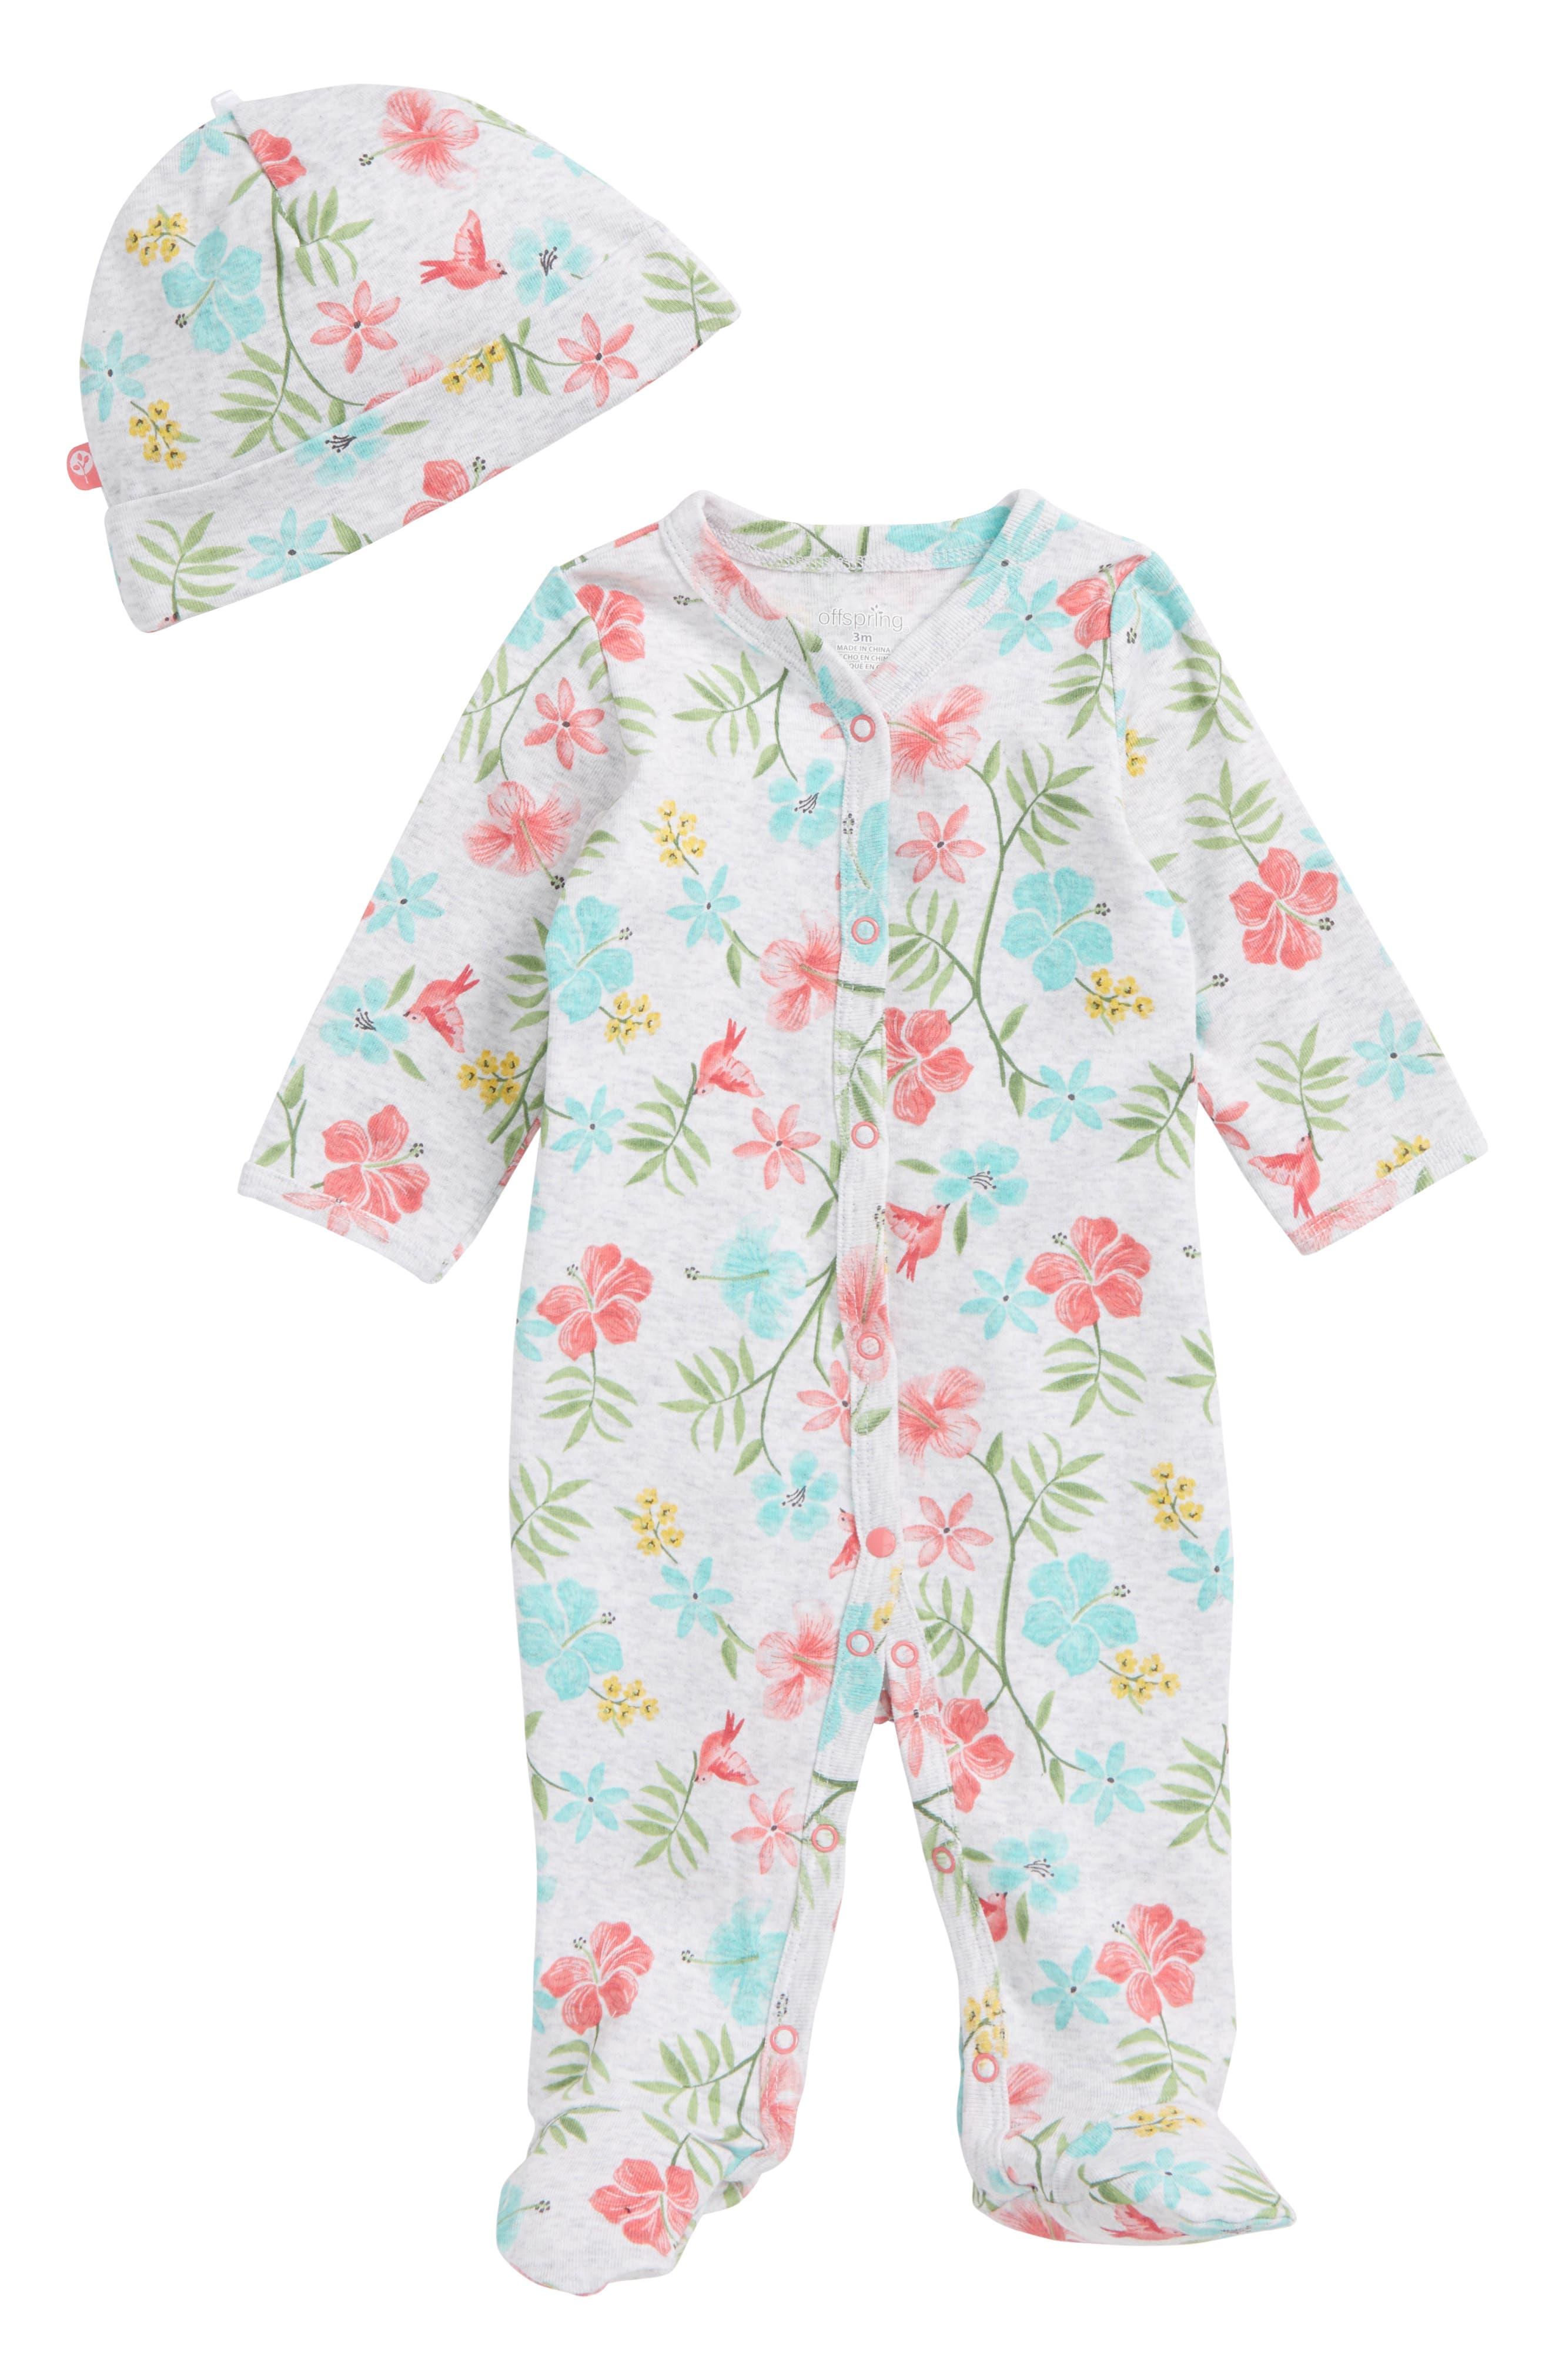 Tropical Floral Footie & Hat Set,                             Main thumbnail 1, color,                             168